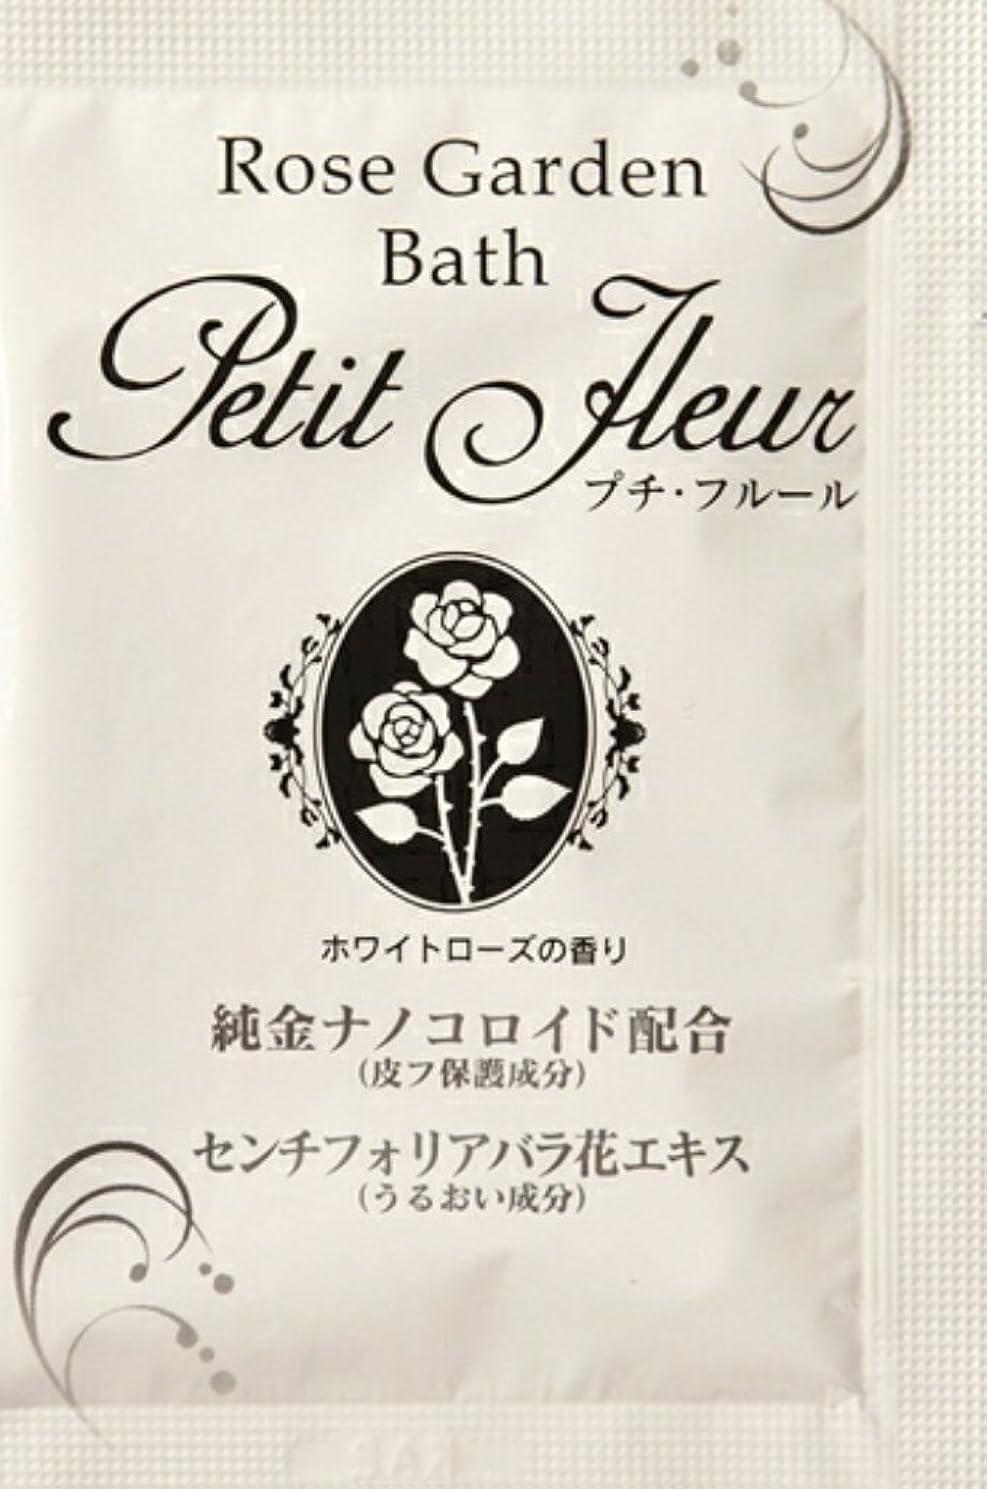 入浴剤 プチフル-ル(ホワイトロ-ズの香り)20g